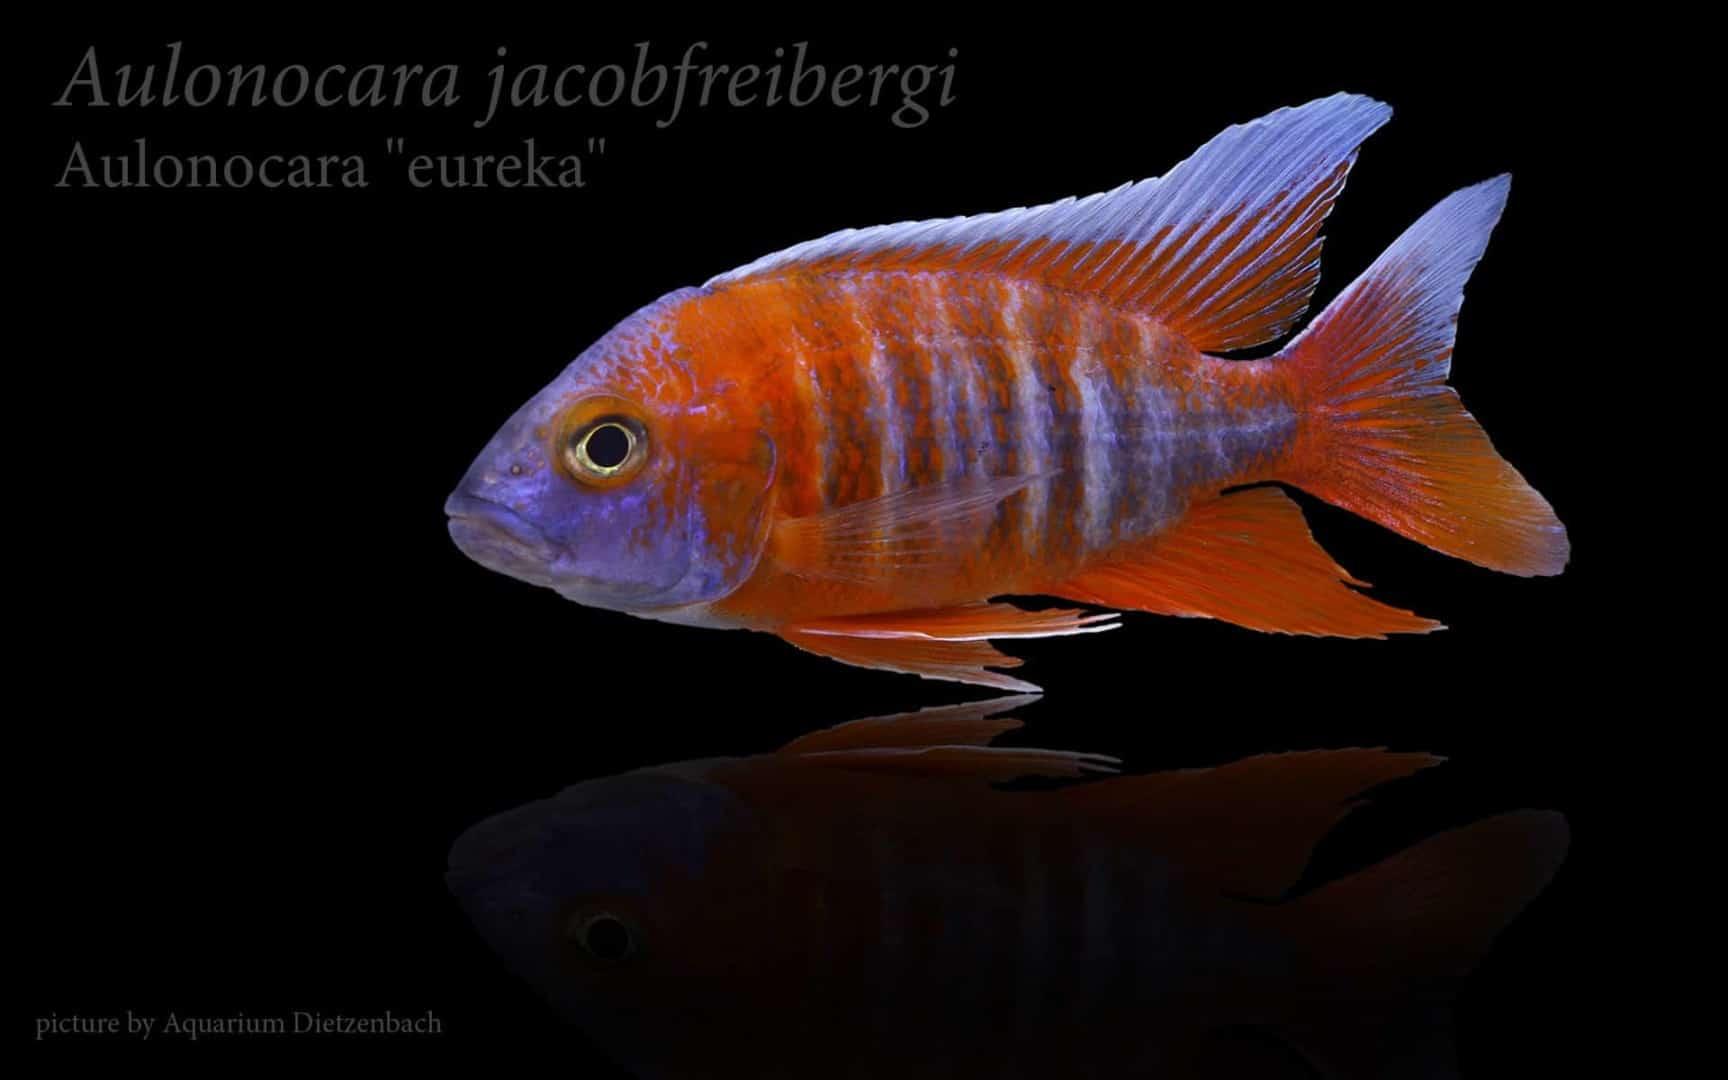 """Aulonocara jacobfreibergi """"eureka"""" - Feenbuntbarsch 14"""